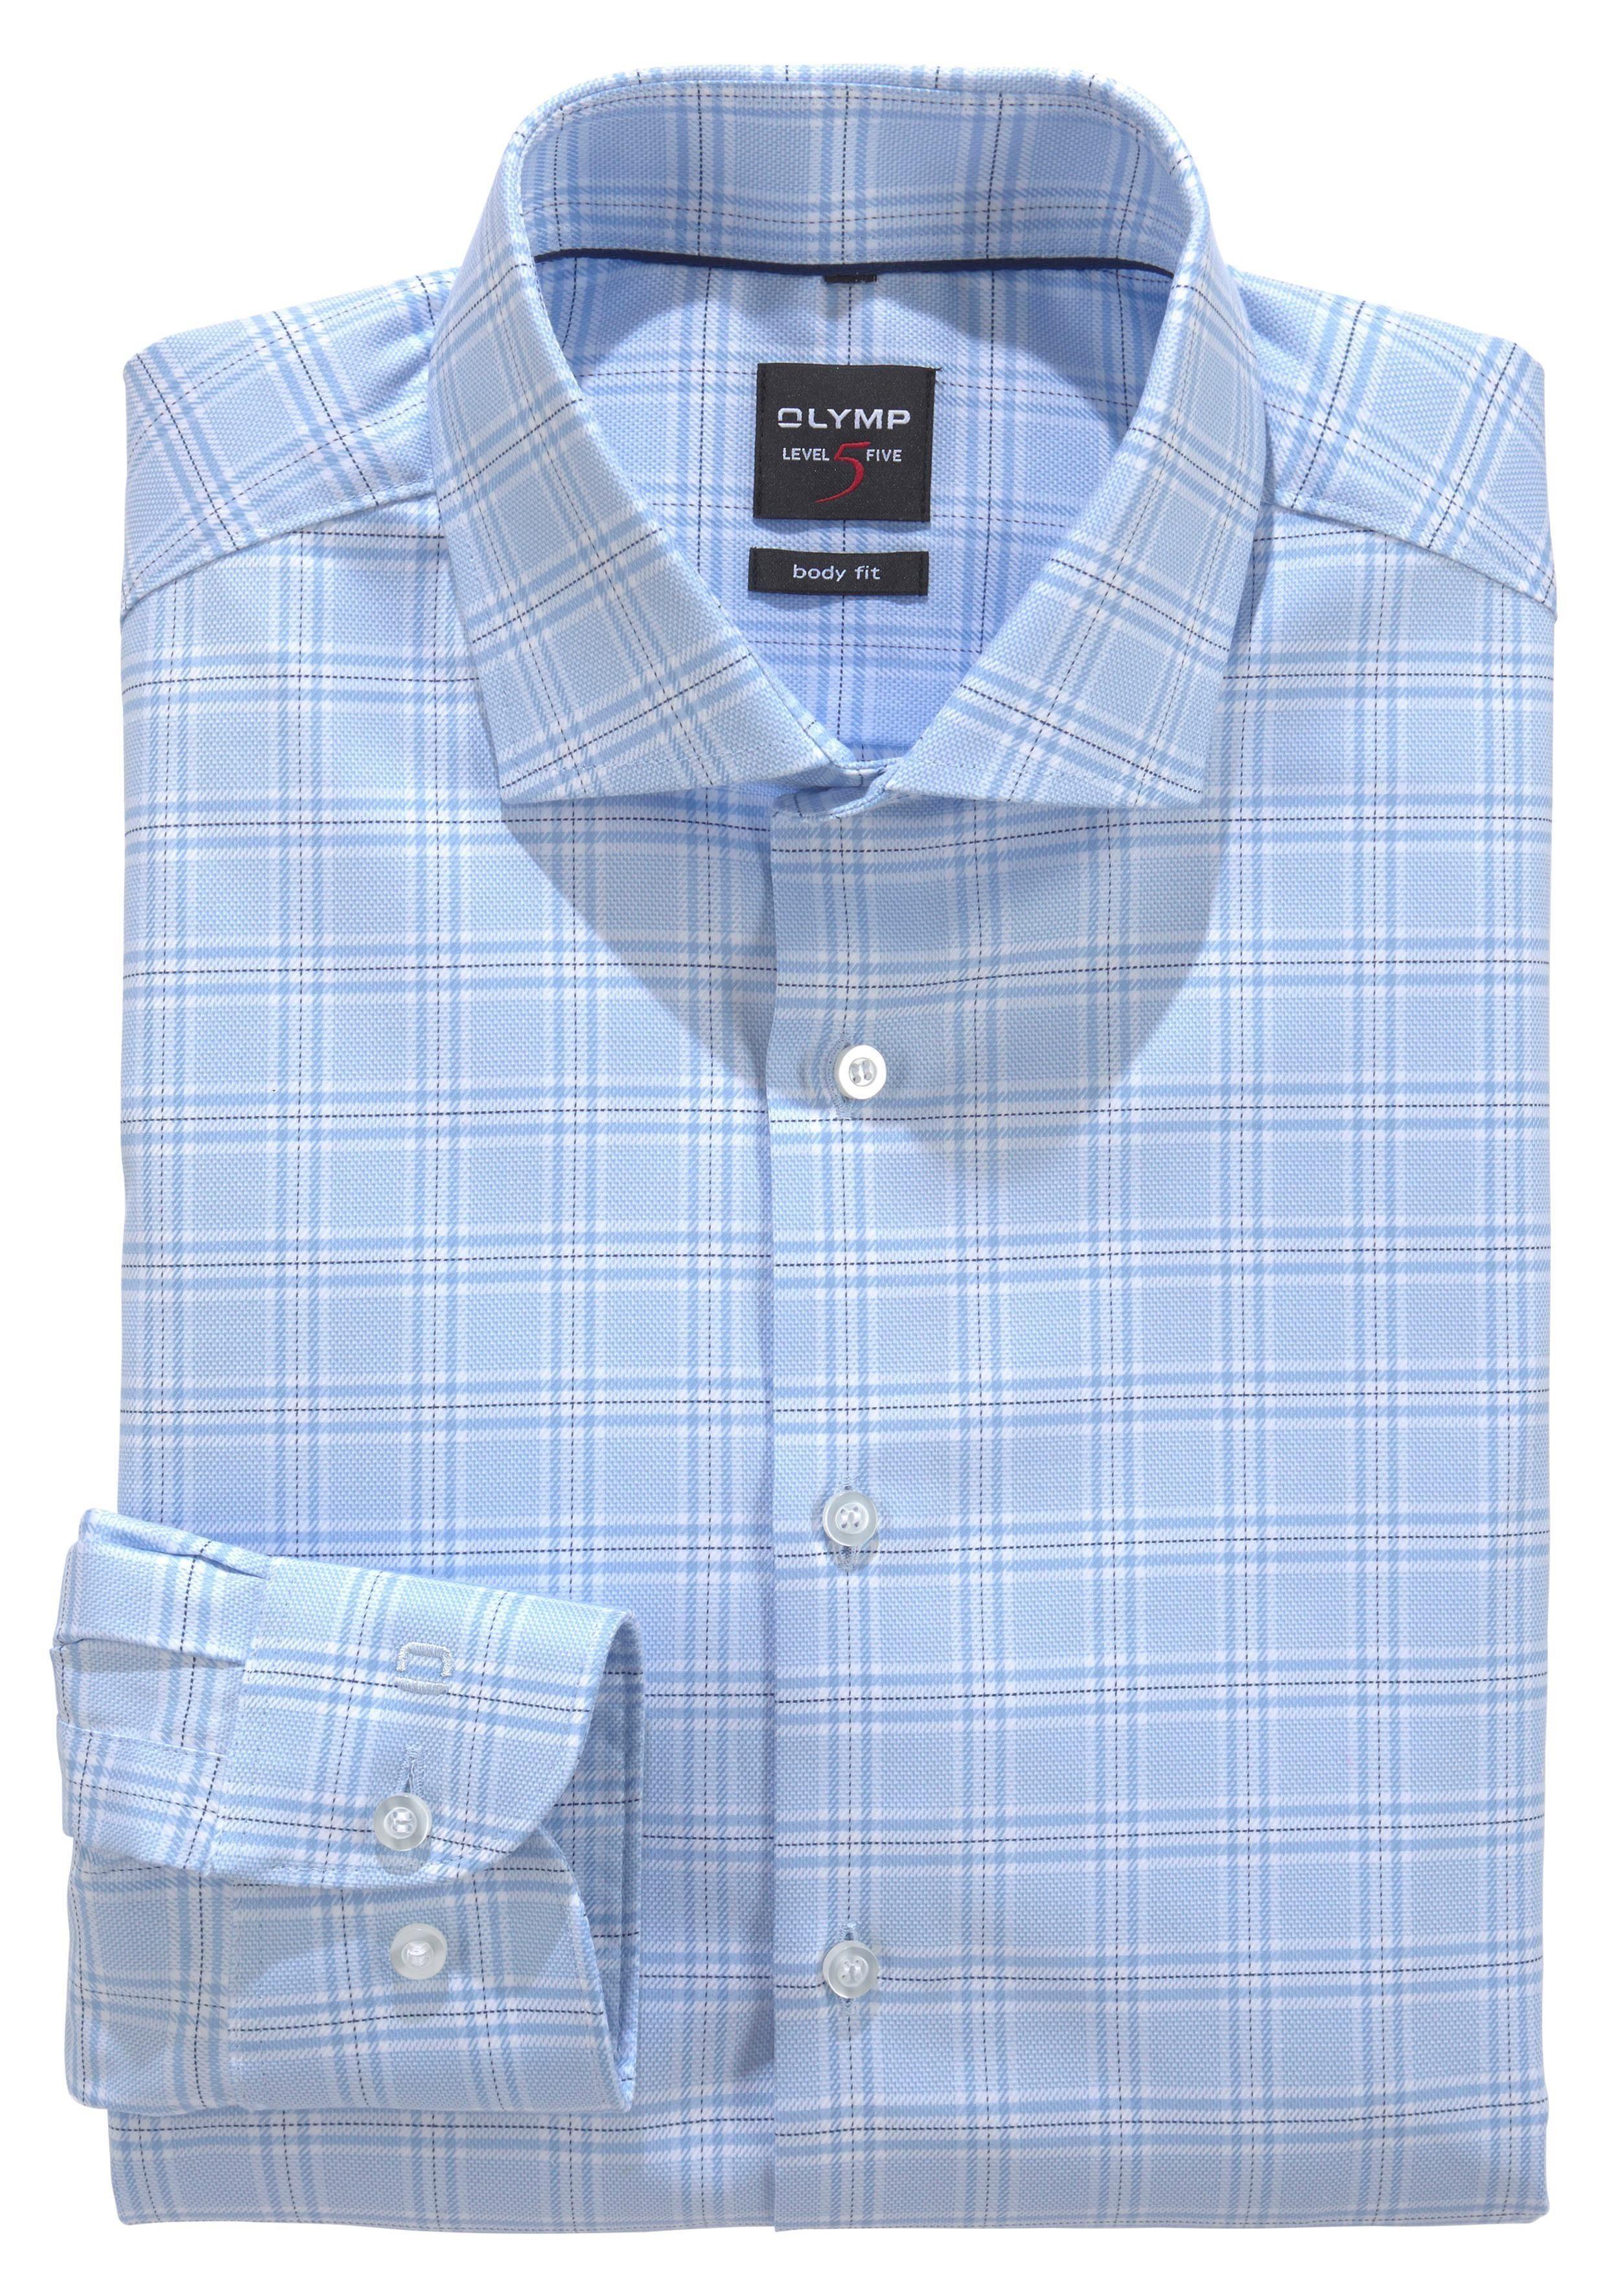 OLYMP Businesshemd »Level Five body fit«, Baumwollmischung mit Elastolefin online kaufen   OTTO